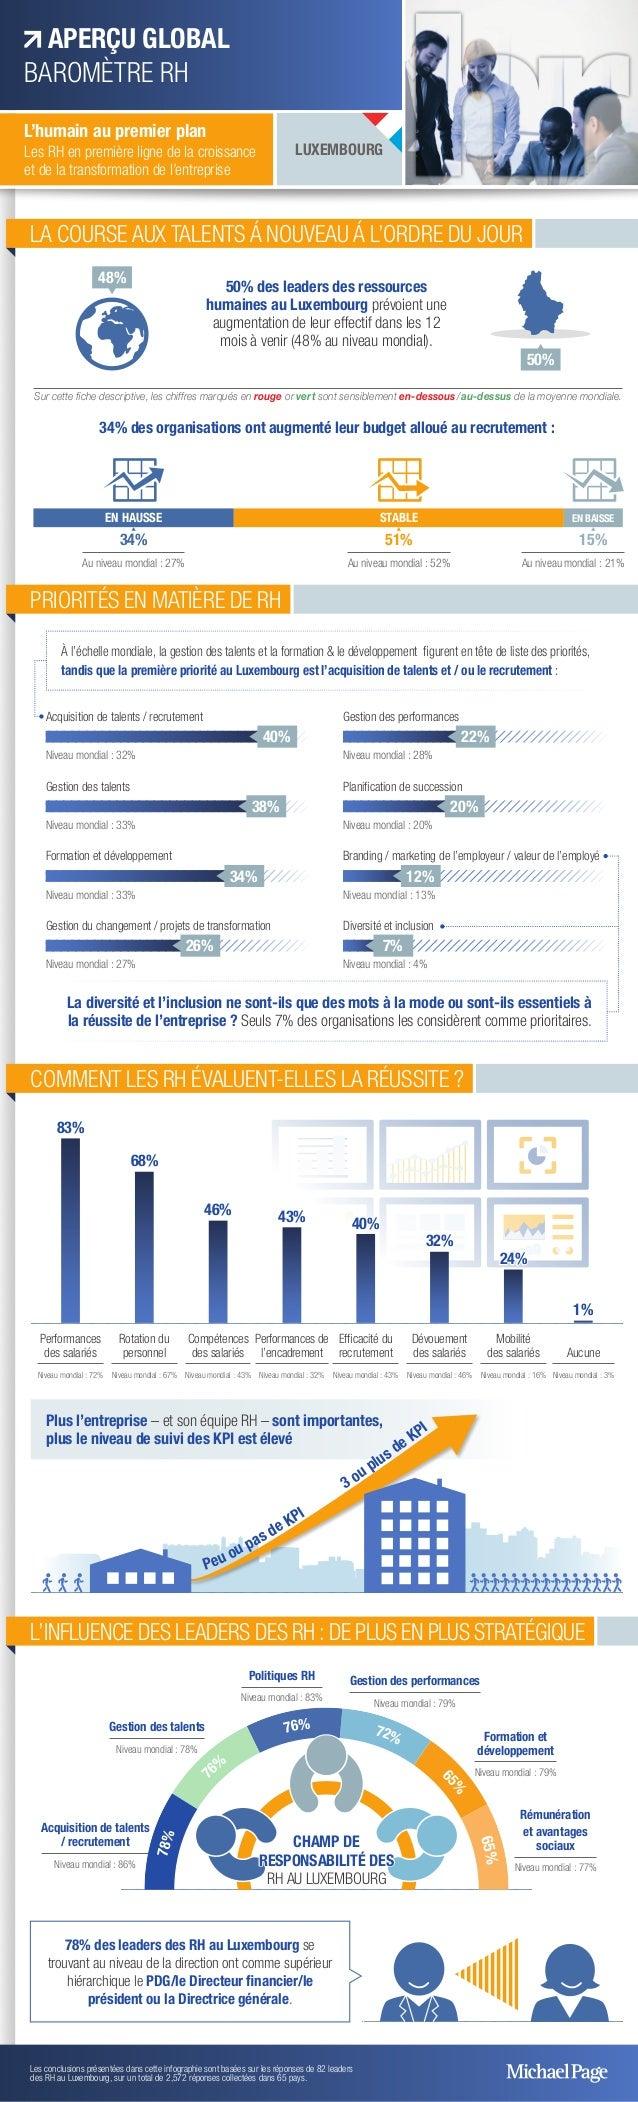 LA COURSE AUX TALENTS Á NOUVEAU Á L'ORDRE DU JOUR 50% des leaders des ressources humaines au Luxembourg prévoient une augm...